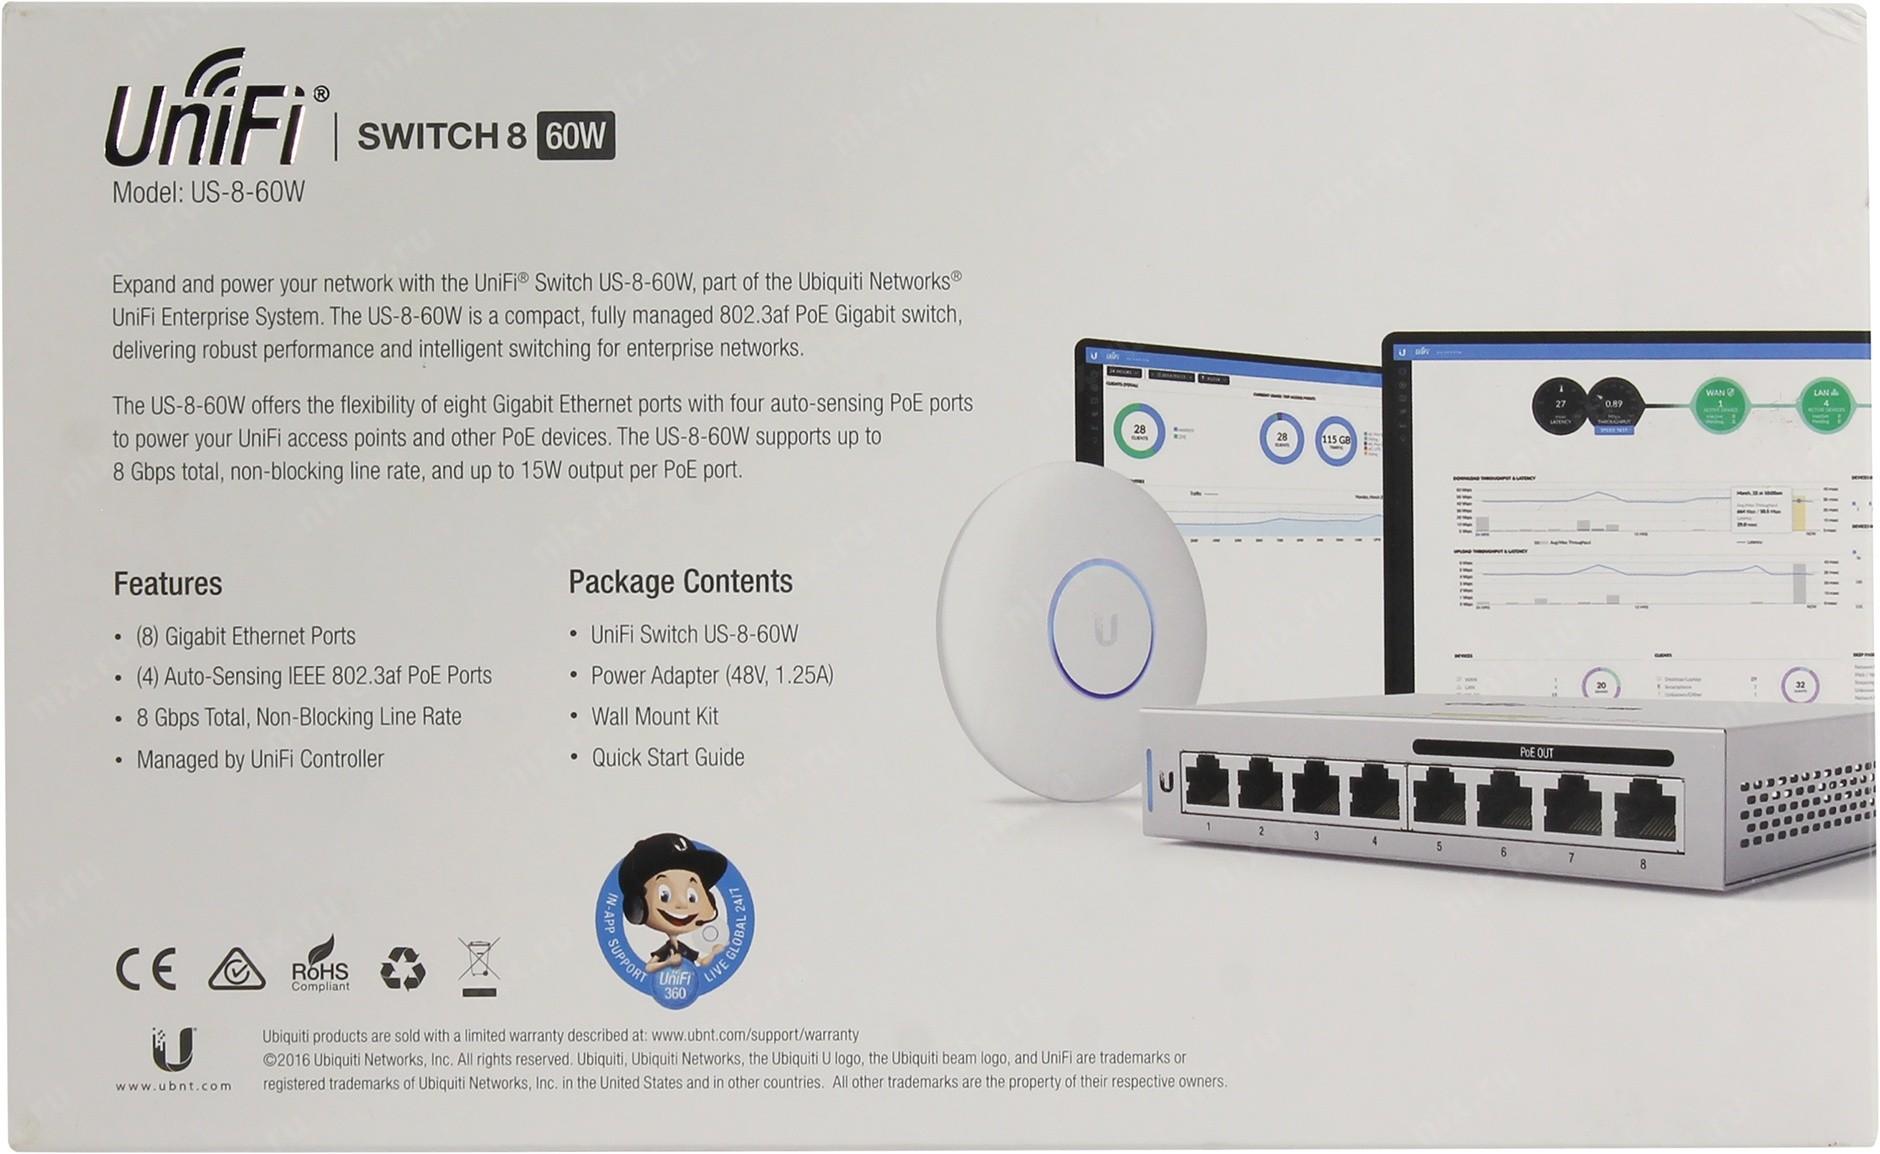 UNIFI Switch US-8-60W